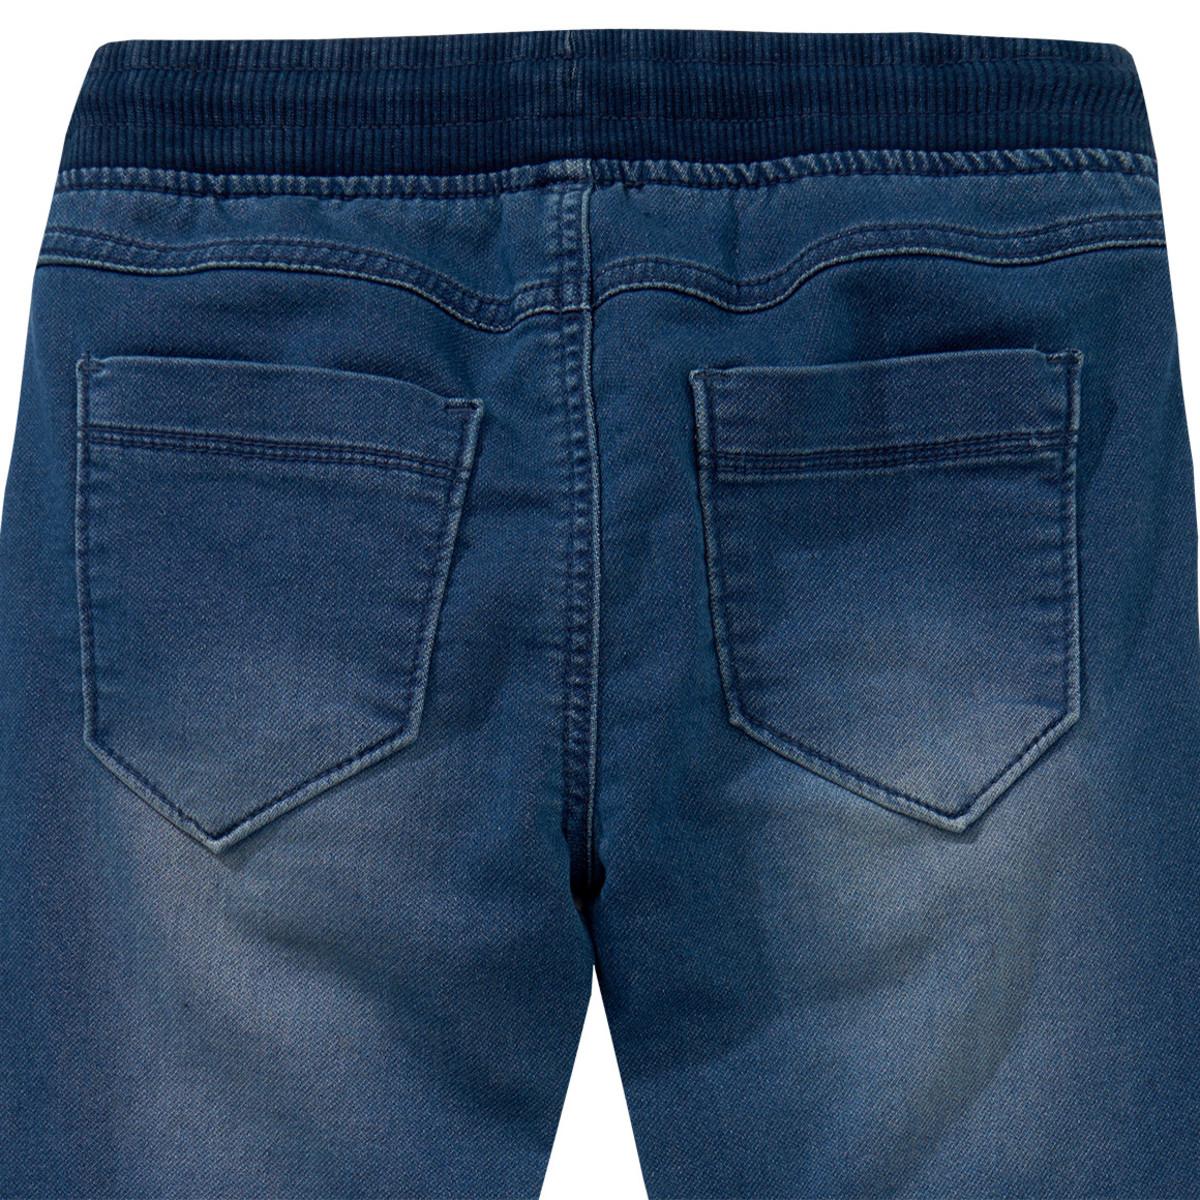 Bild 4 von Jungen Pull-on Jeans in Used-Waschung